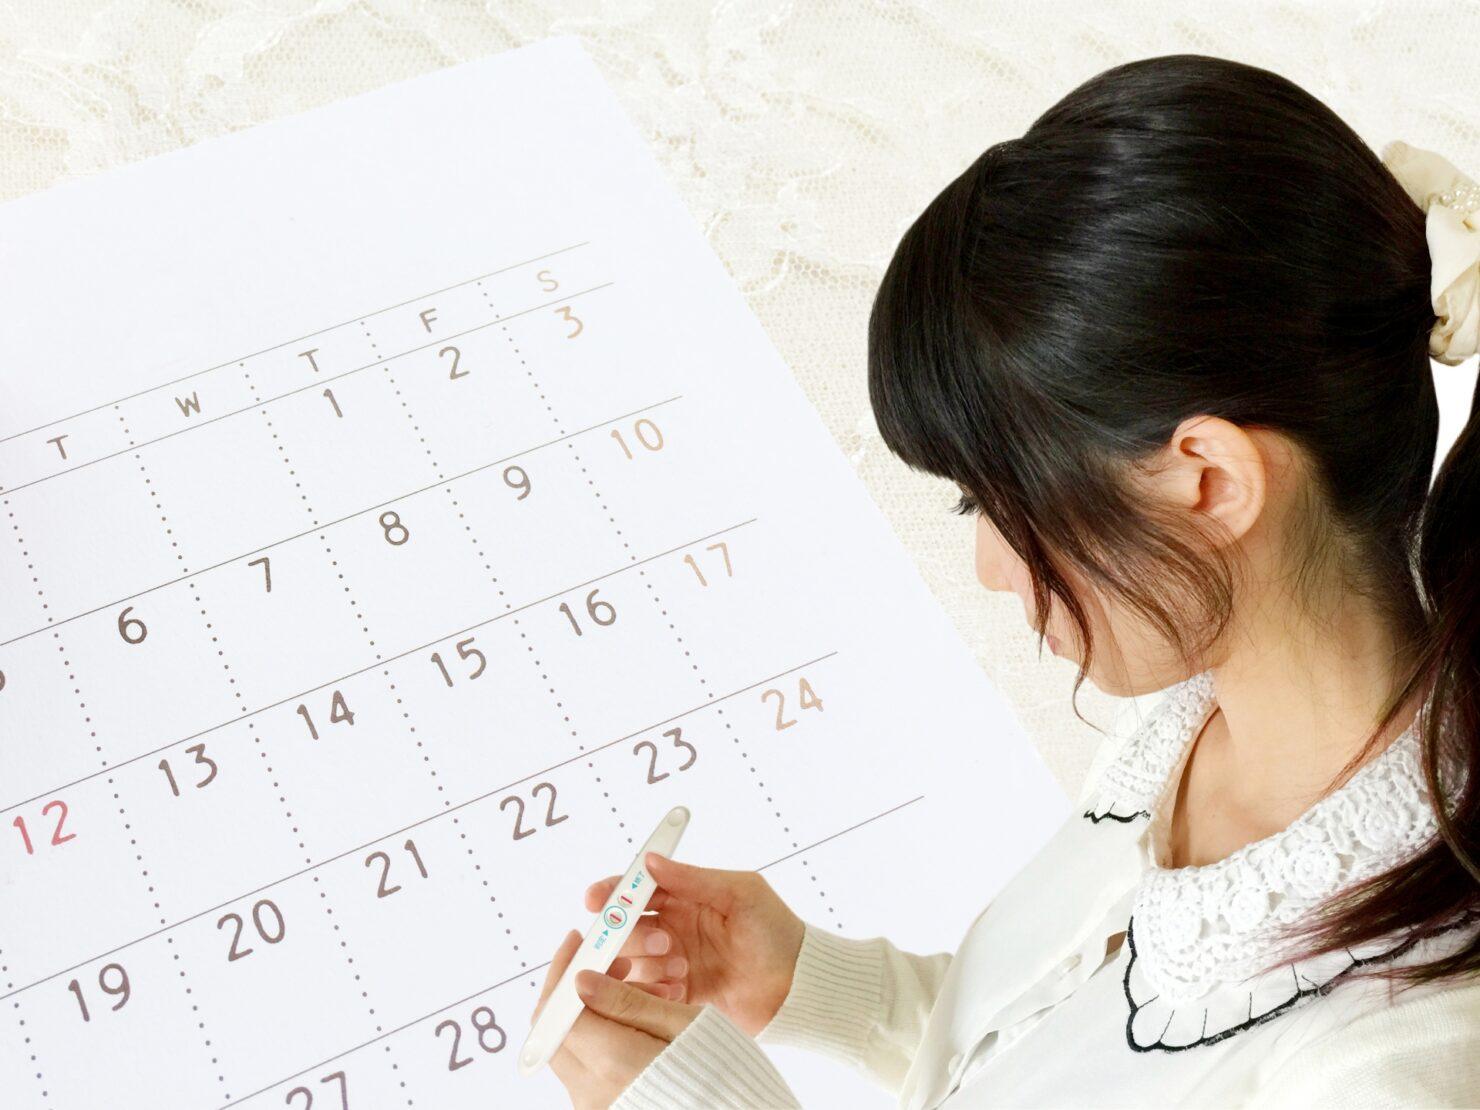 【タイプ別】妊娠検査薬おすすめ10選!フライング検査は? いつから使える?